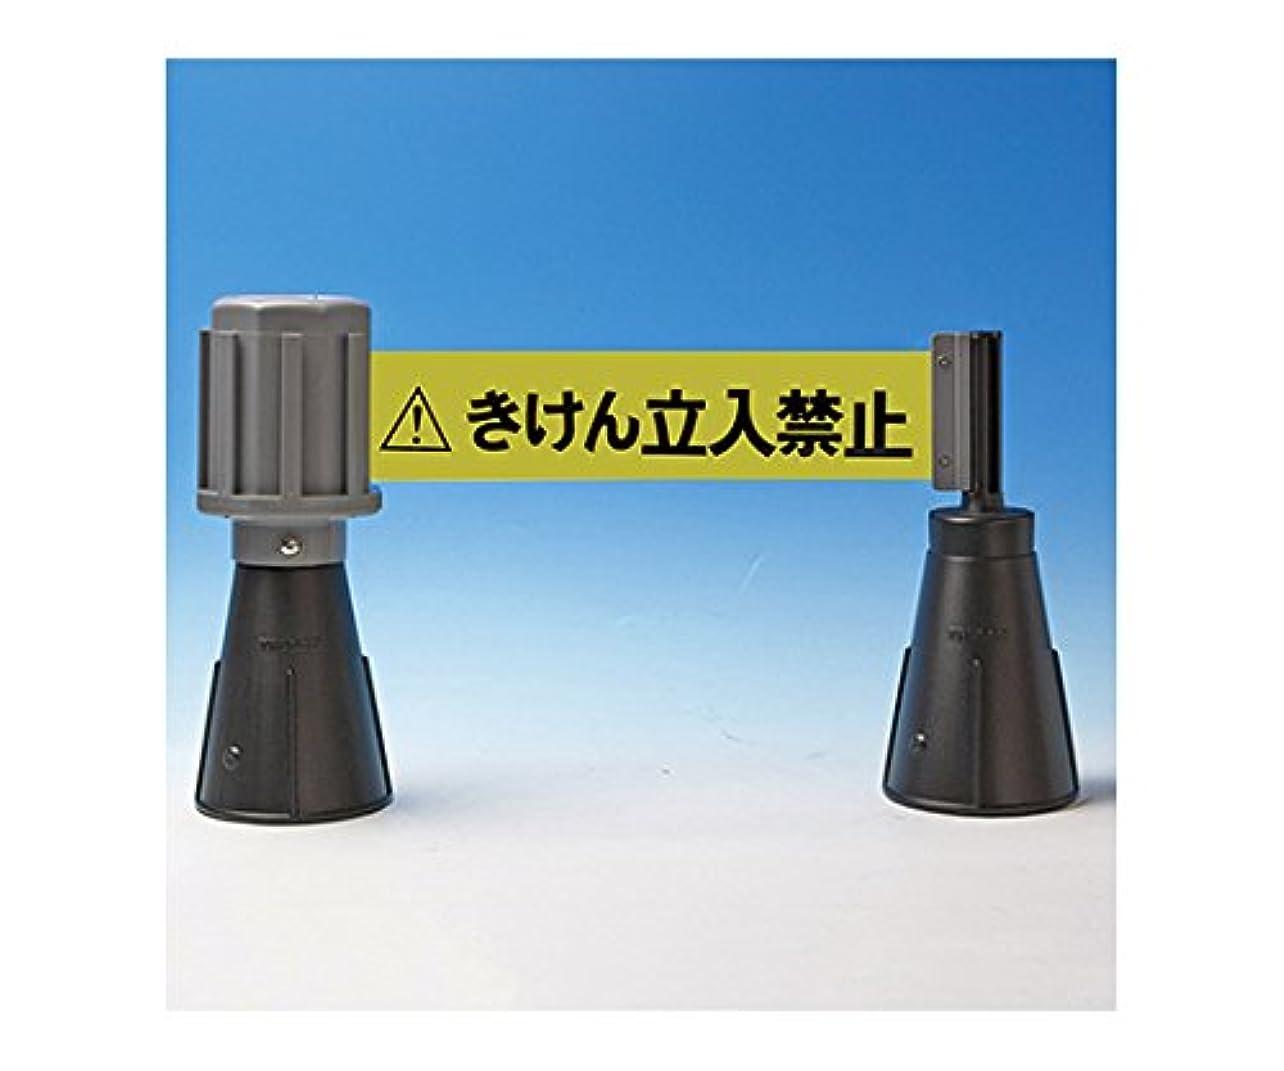 椅子気を散らす邪悪な日本緑十字社 バリアライン カラーコーン用本体 文字入りテープ付き 61-9937-31